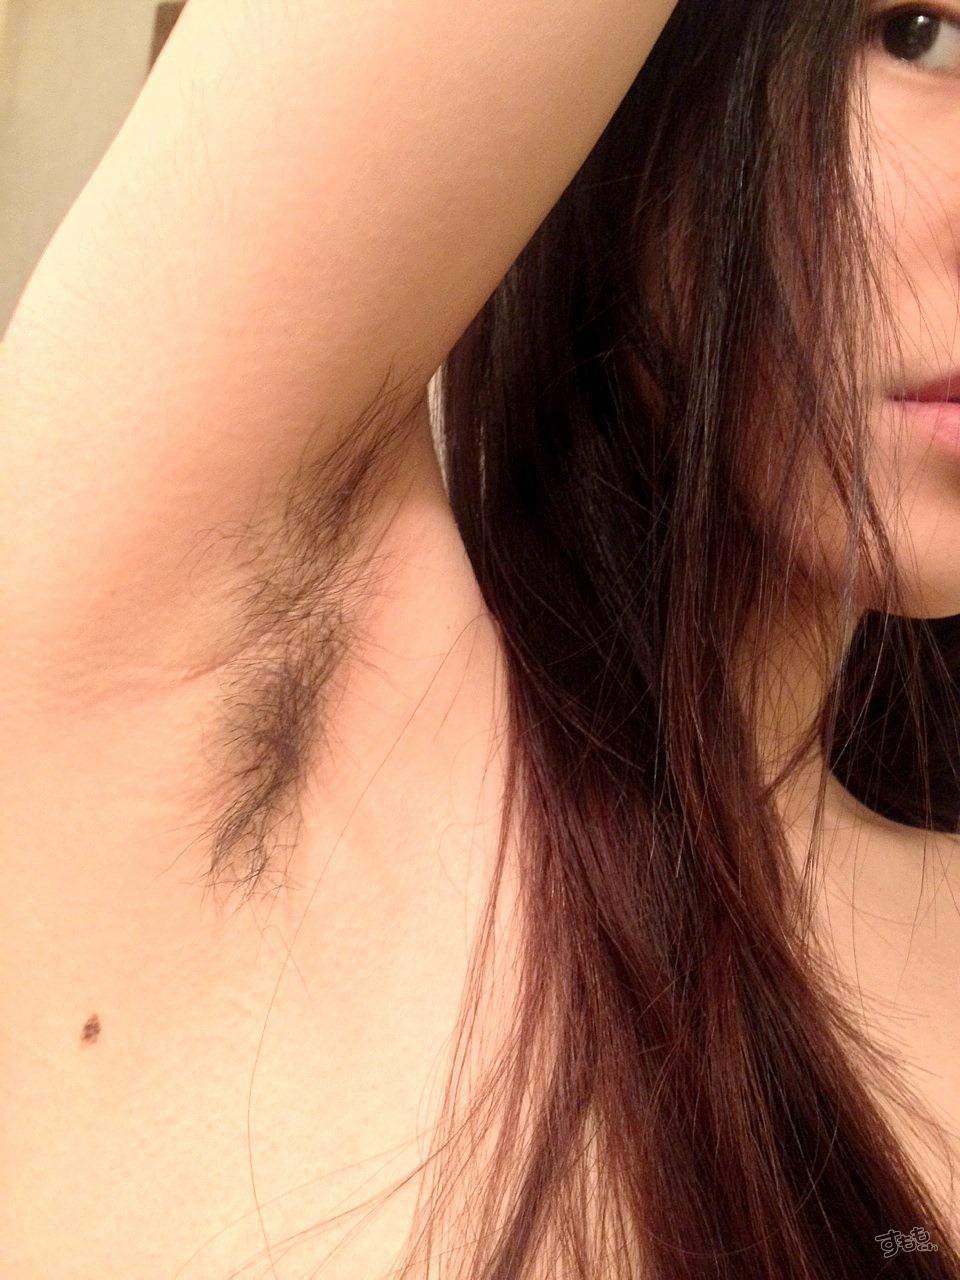 underarm_hair_5028-012